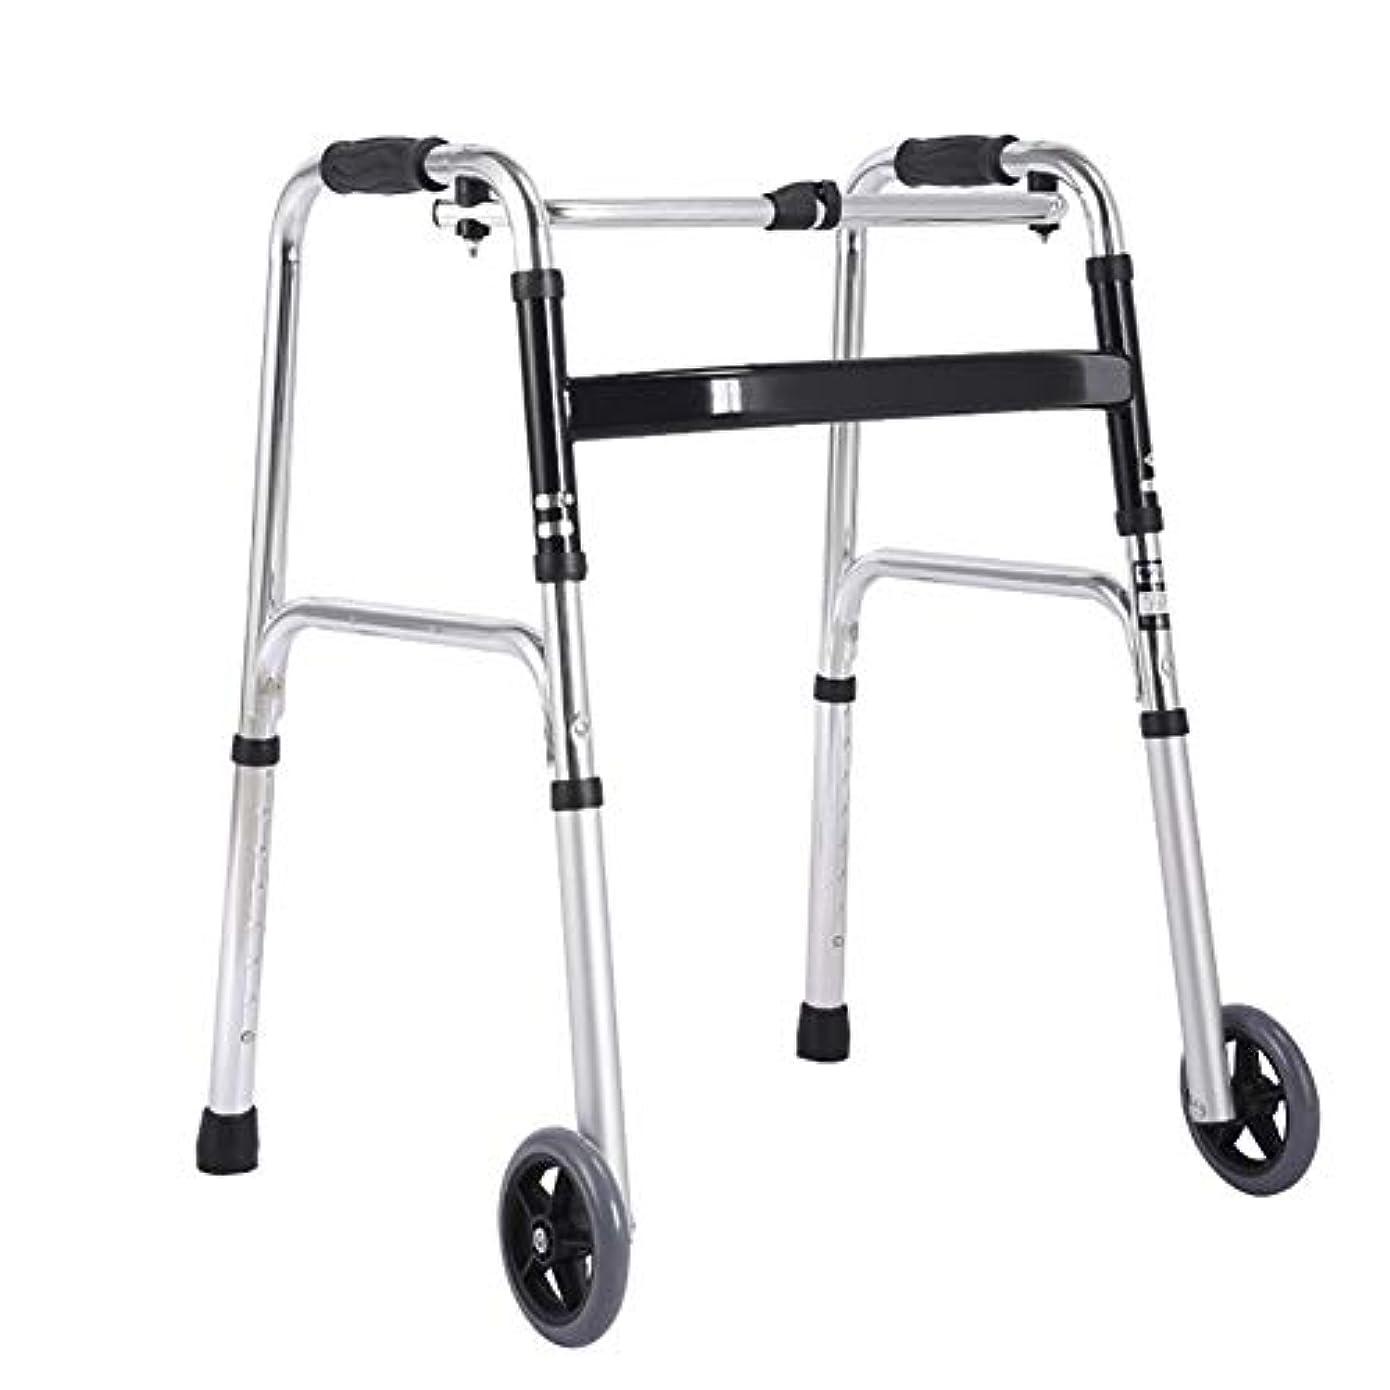 クリーナー逸話頭痛BNSDMM 步行器 ウォーカー - 高齢者用ウォーカー高齢者用ウォーカー補助ウォーカーウォーキングスタッフチェアスツールトロリー折りたたみ - サイズ:55 * 48 *(69-89)cm